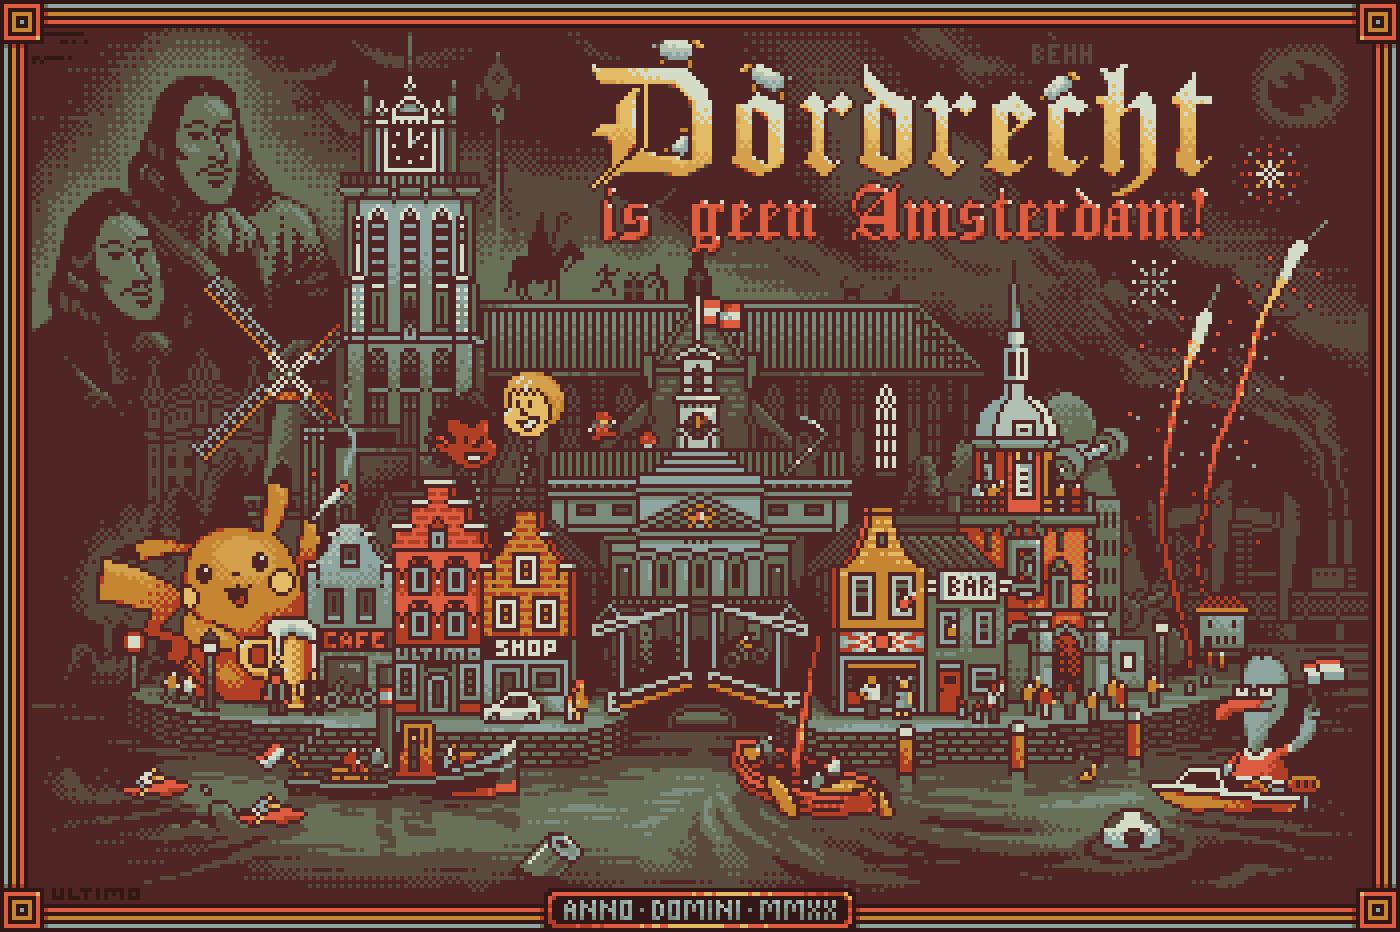 Dordrecht is geen Amsterdam!